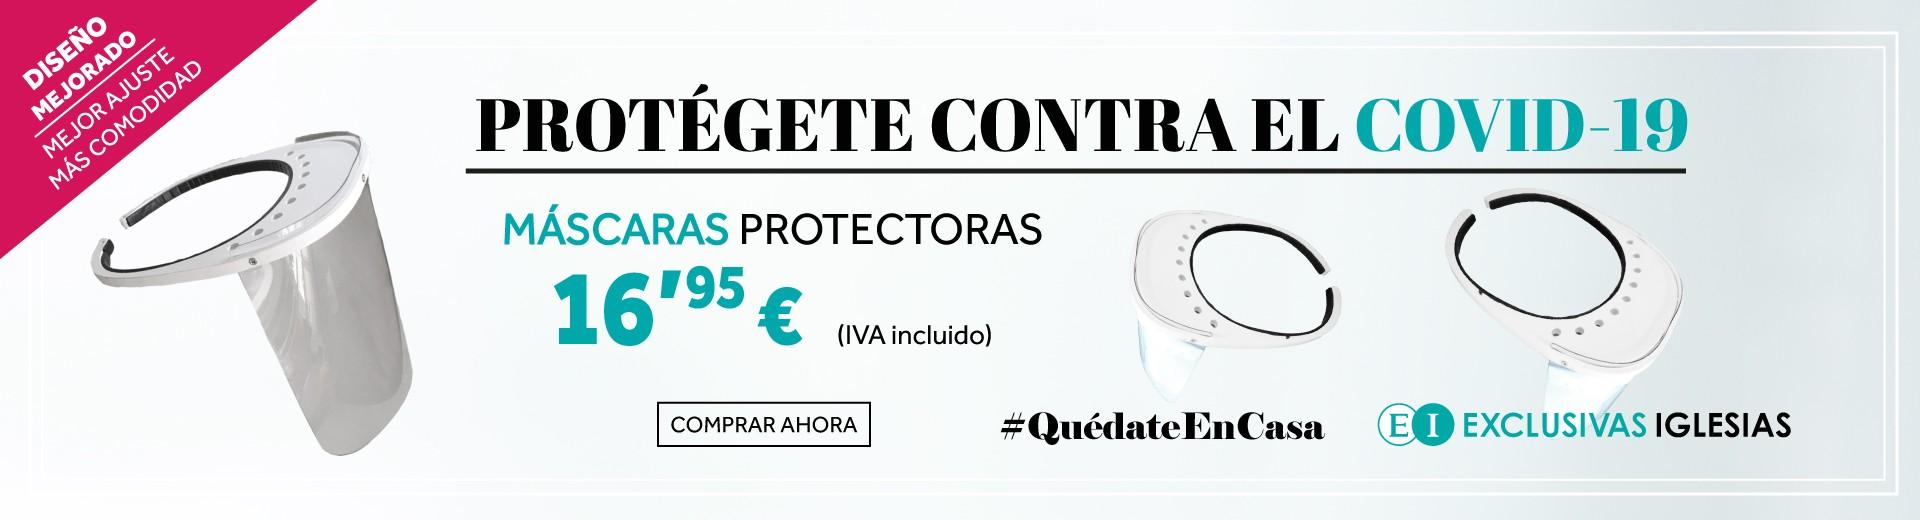 Máscaras de protección contra el COVID-19